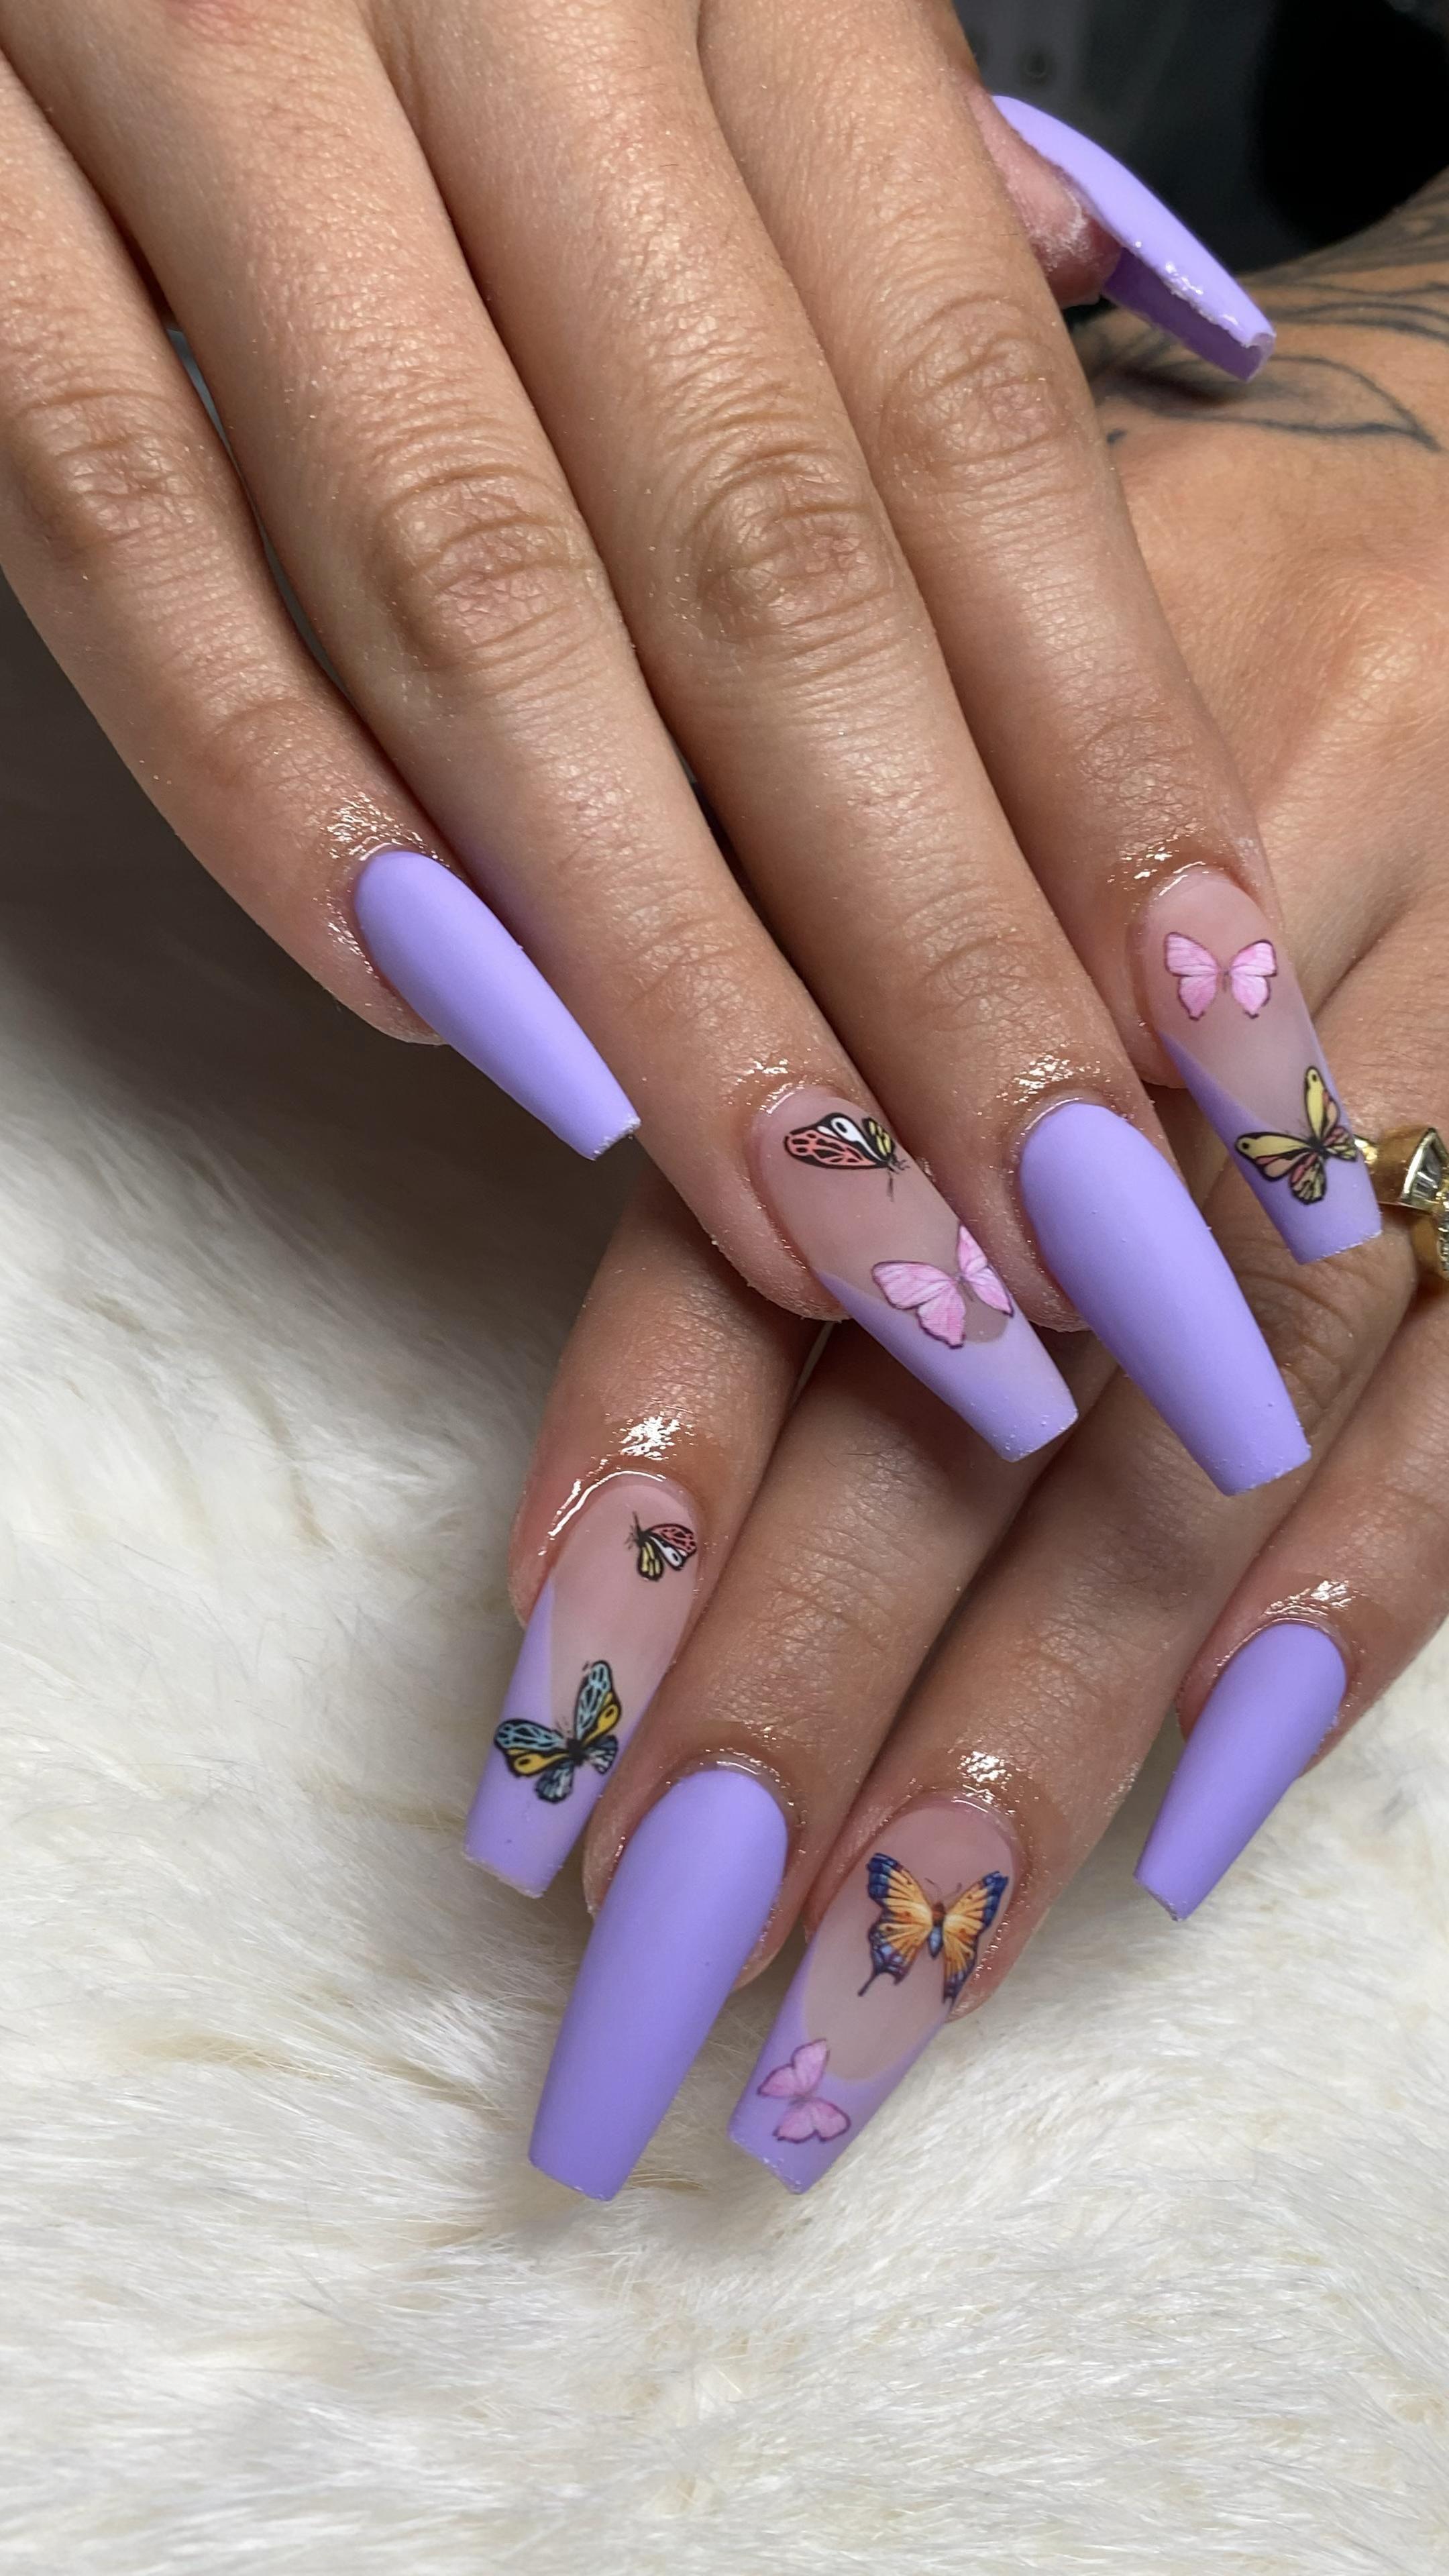 Butterfly Nail Art Matte Purple Acrylic Nails In 2020 Purple Acrylic Nails Acrylic Nails Gel Nails